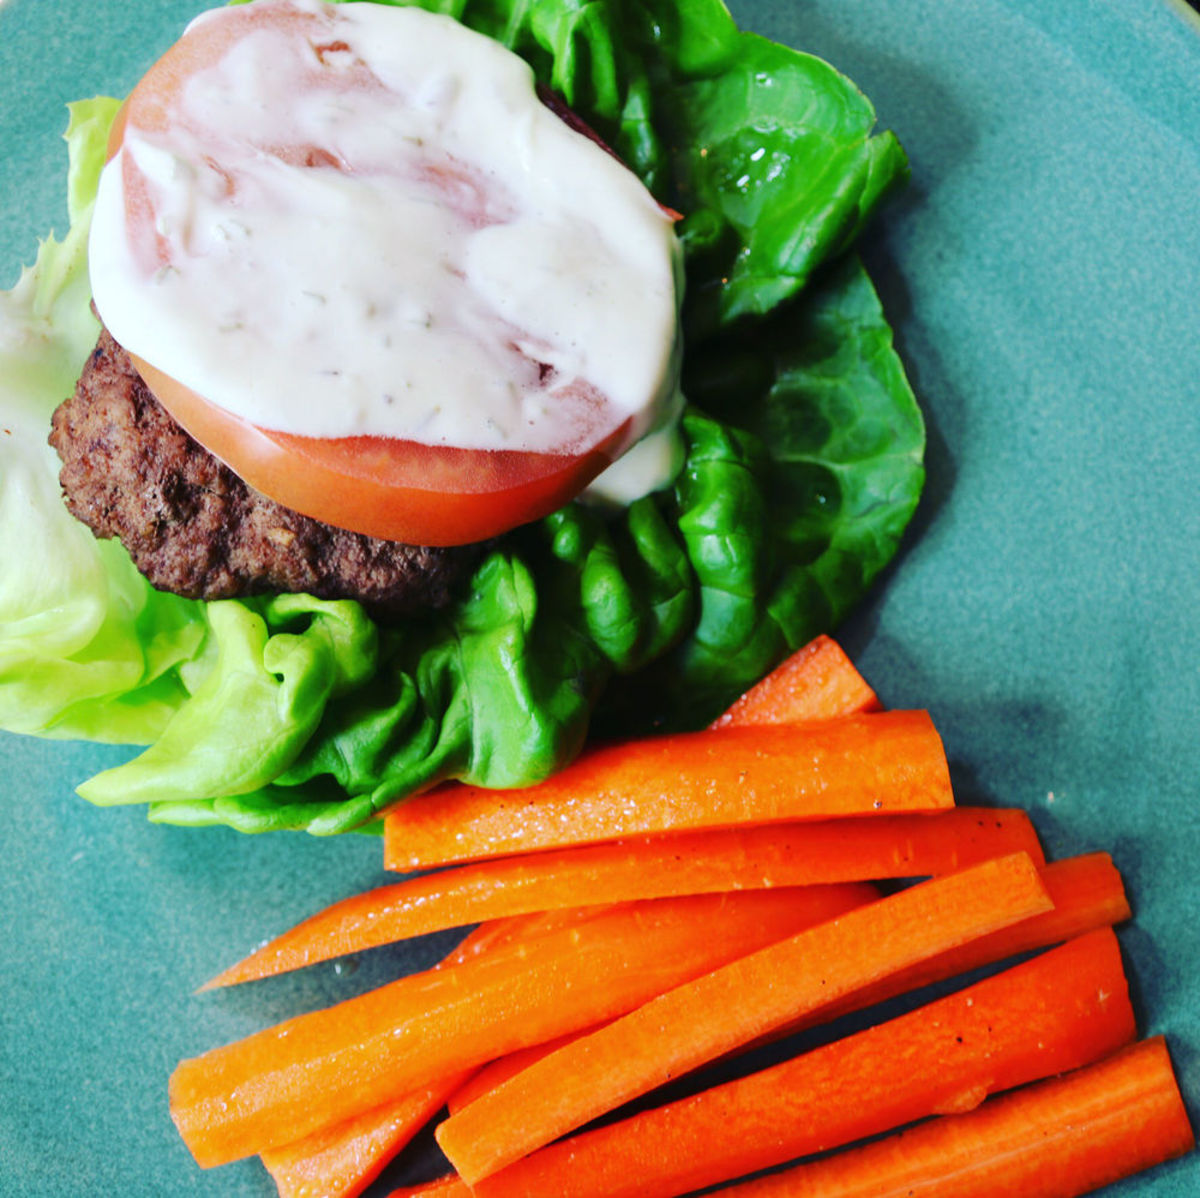 Keto-Friendly Rosemary Mayo Lettuce-Wrapped Burgers Recipe